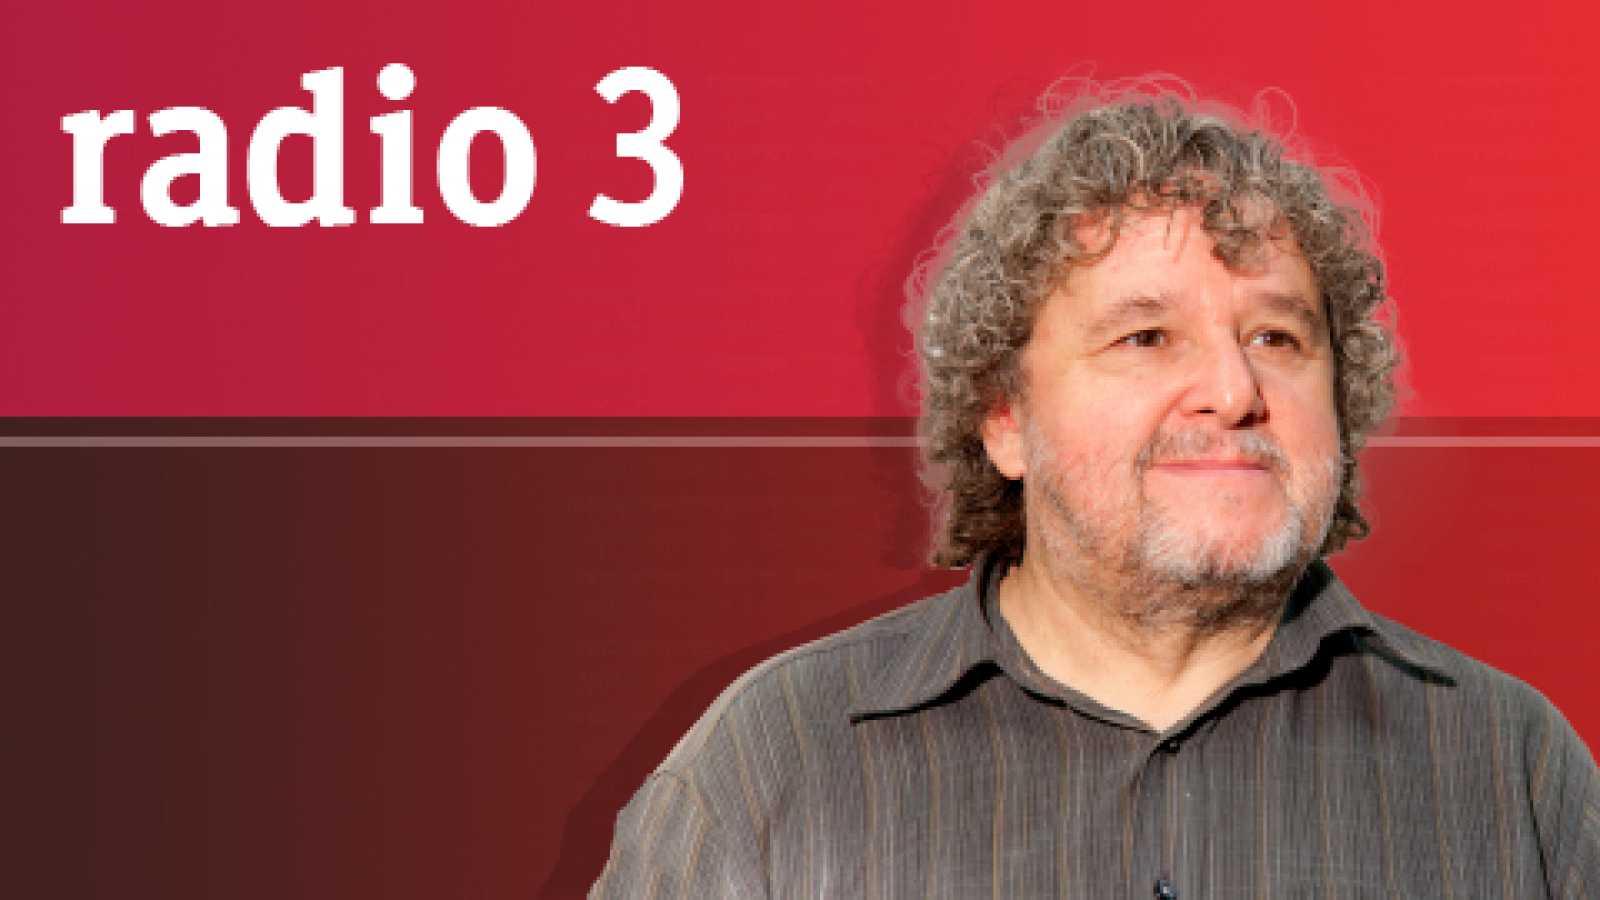 Disco grande - Los romances y aventuras de los 80's de Cómo Huele! - 21/04/16 - escuchar ahora